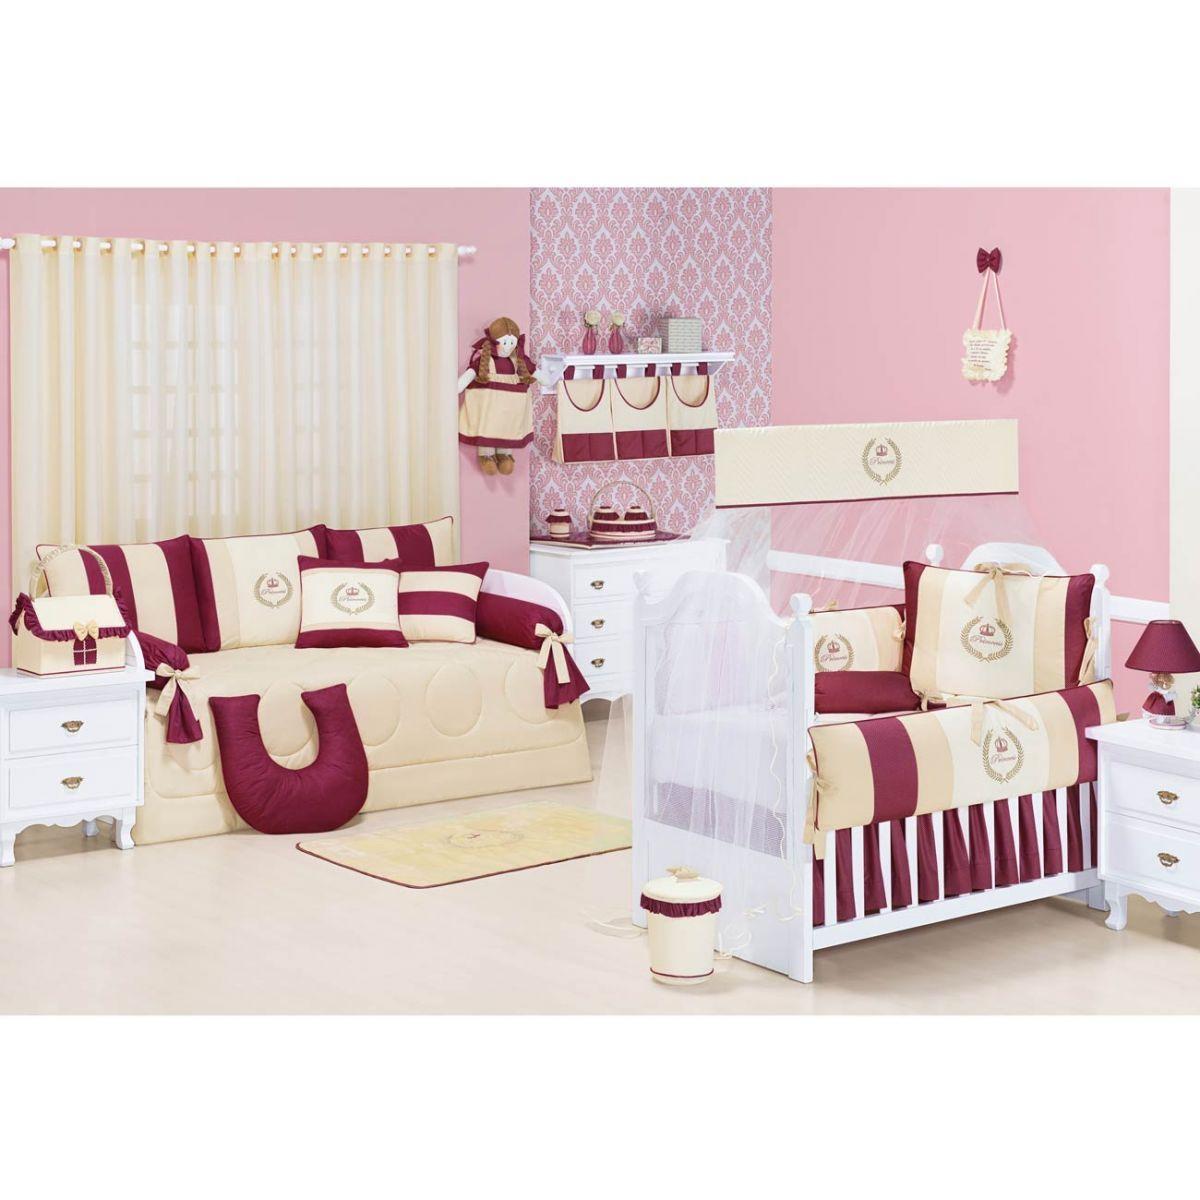 Farmacinha Enfeitada p/ Quarto de Bebê - Coleção My Princess Bordo